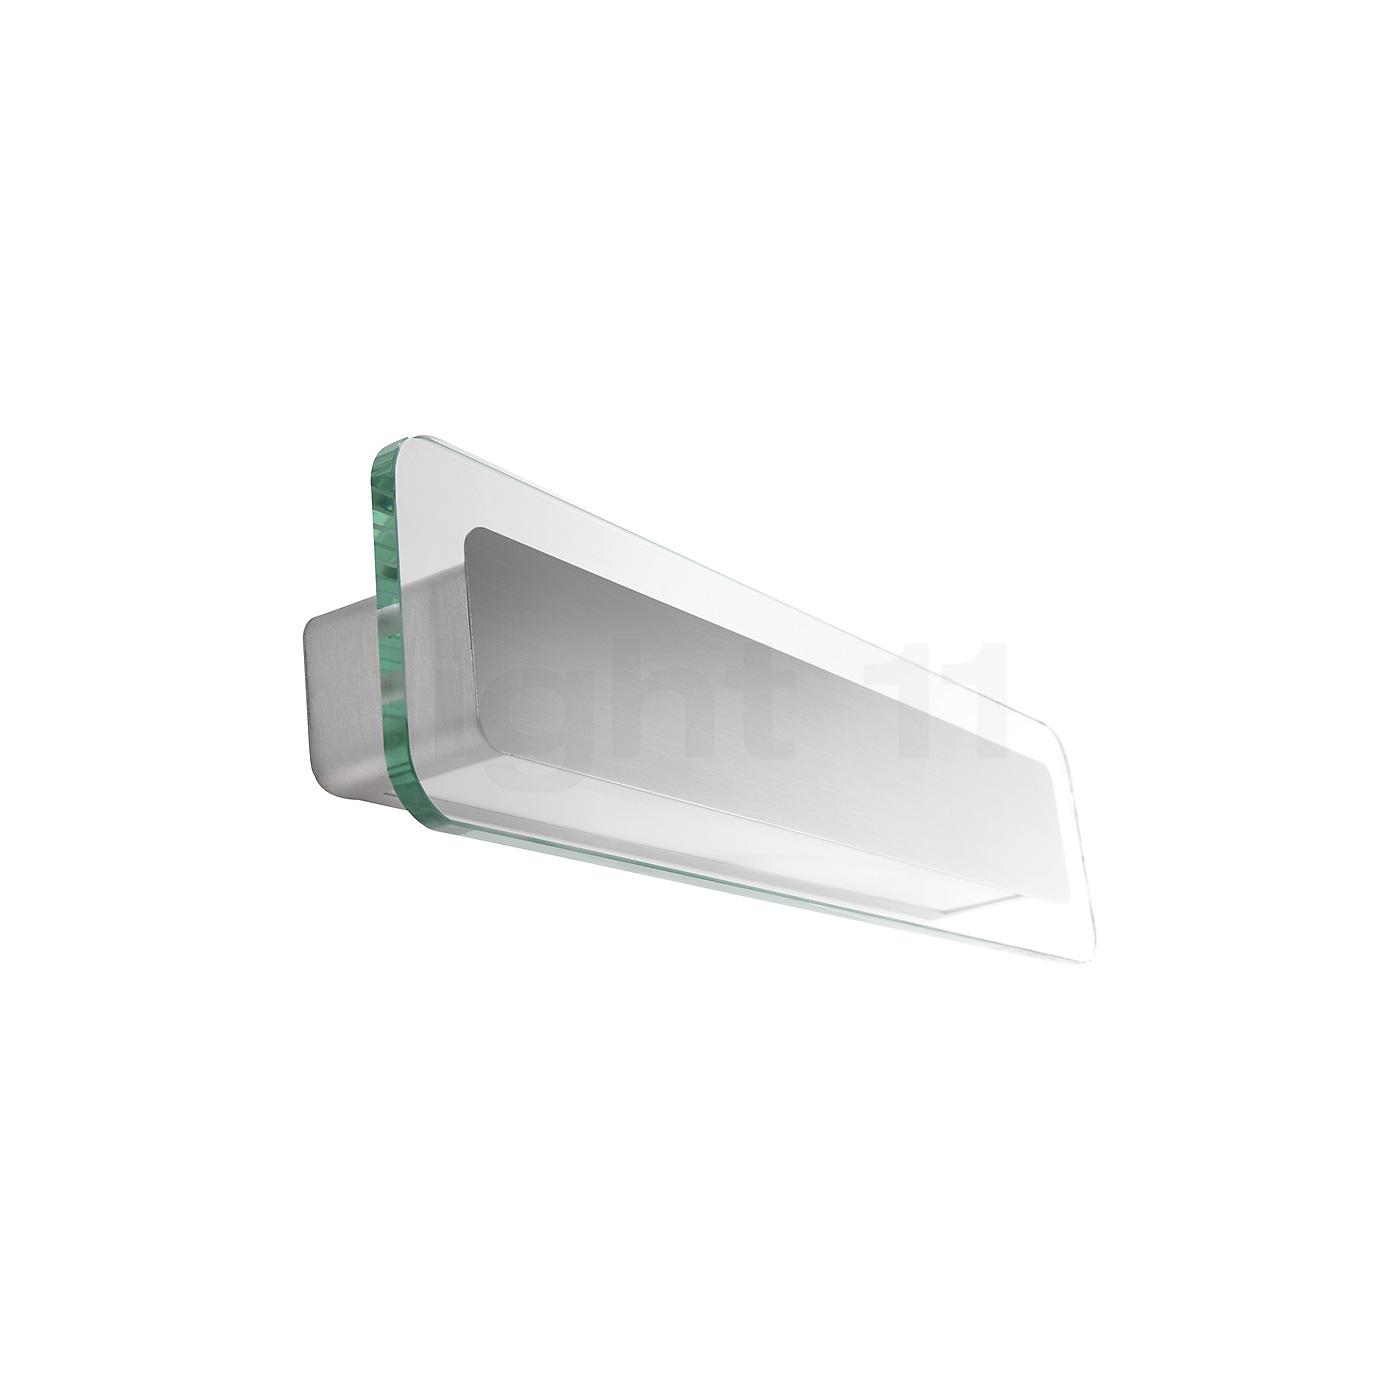 Faretti Da Parete: Brilliant lampade da parete per esterni g41681 ...